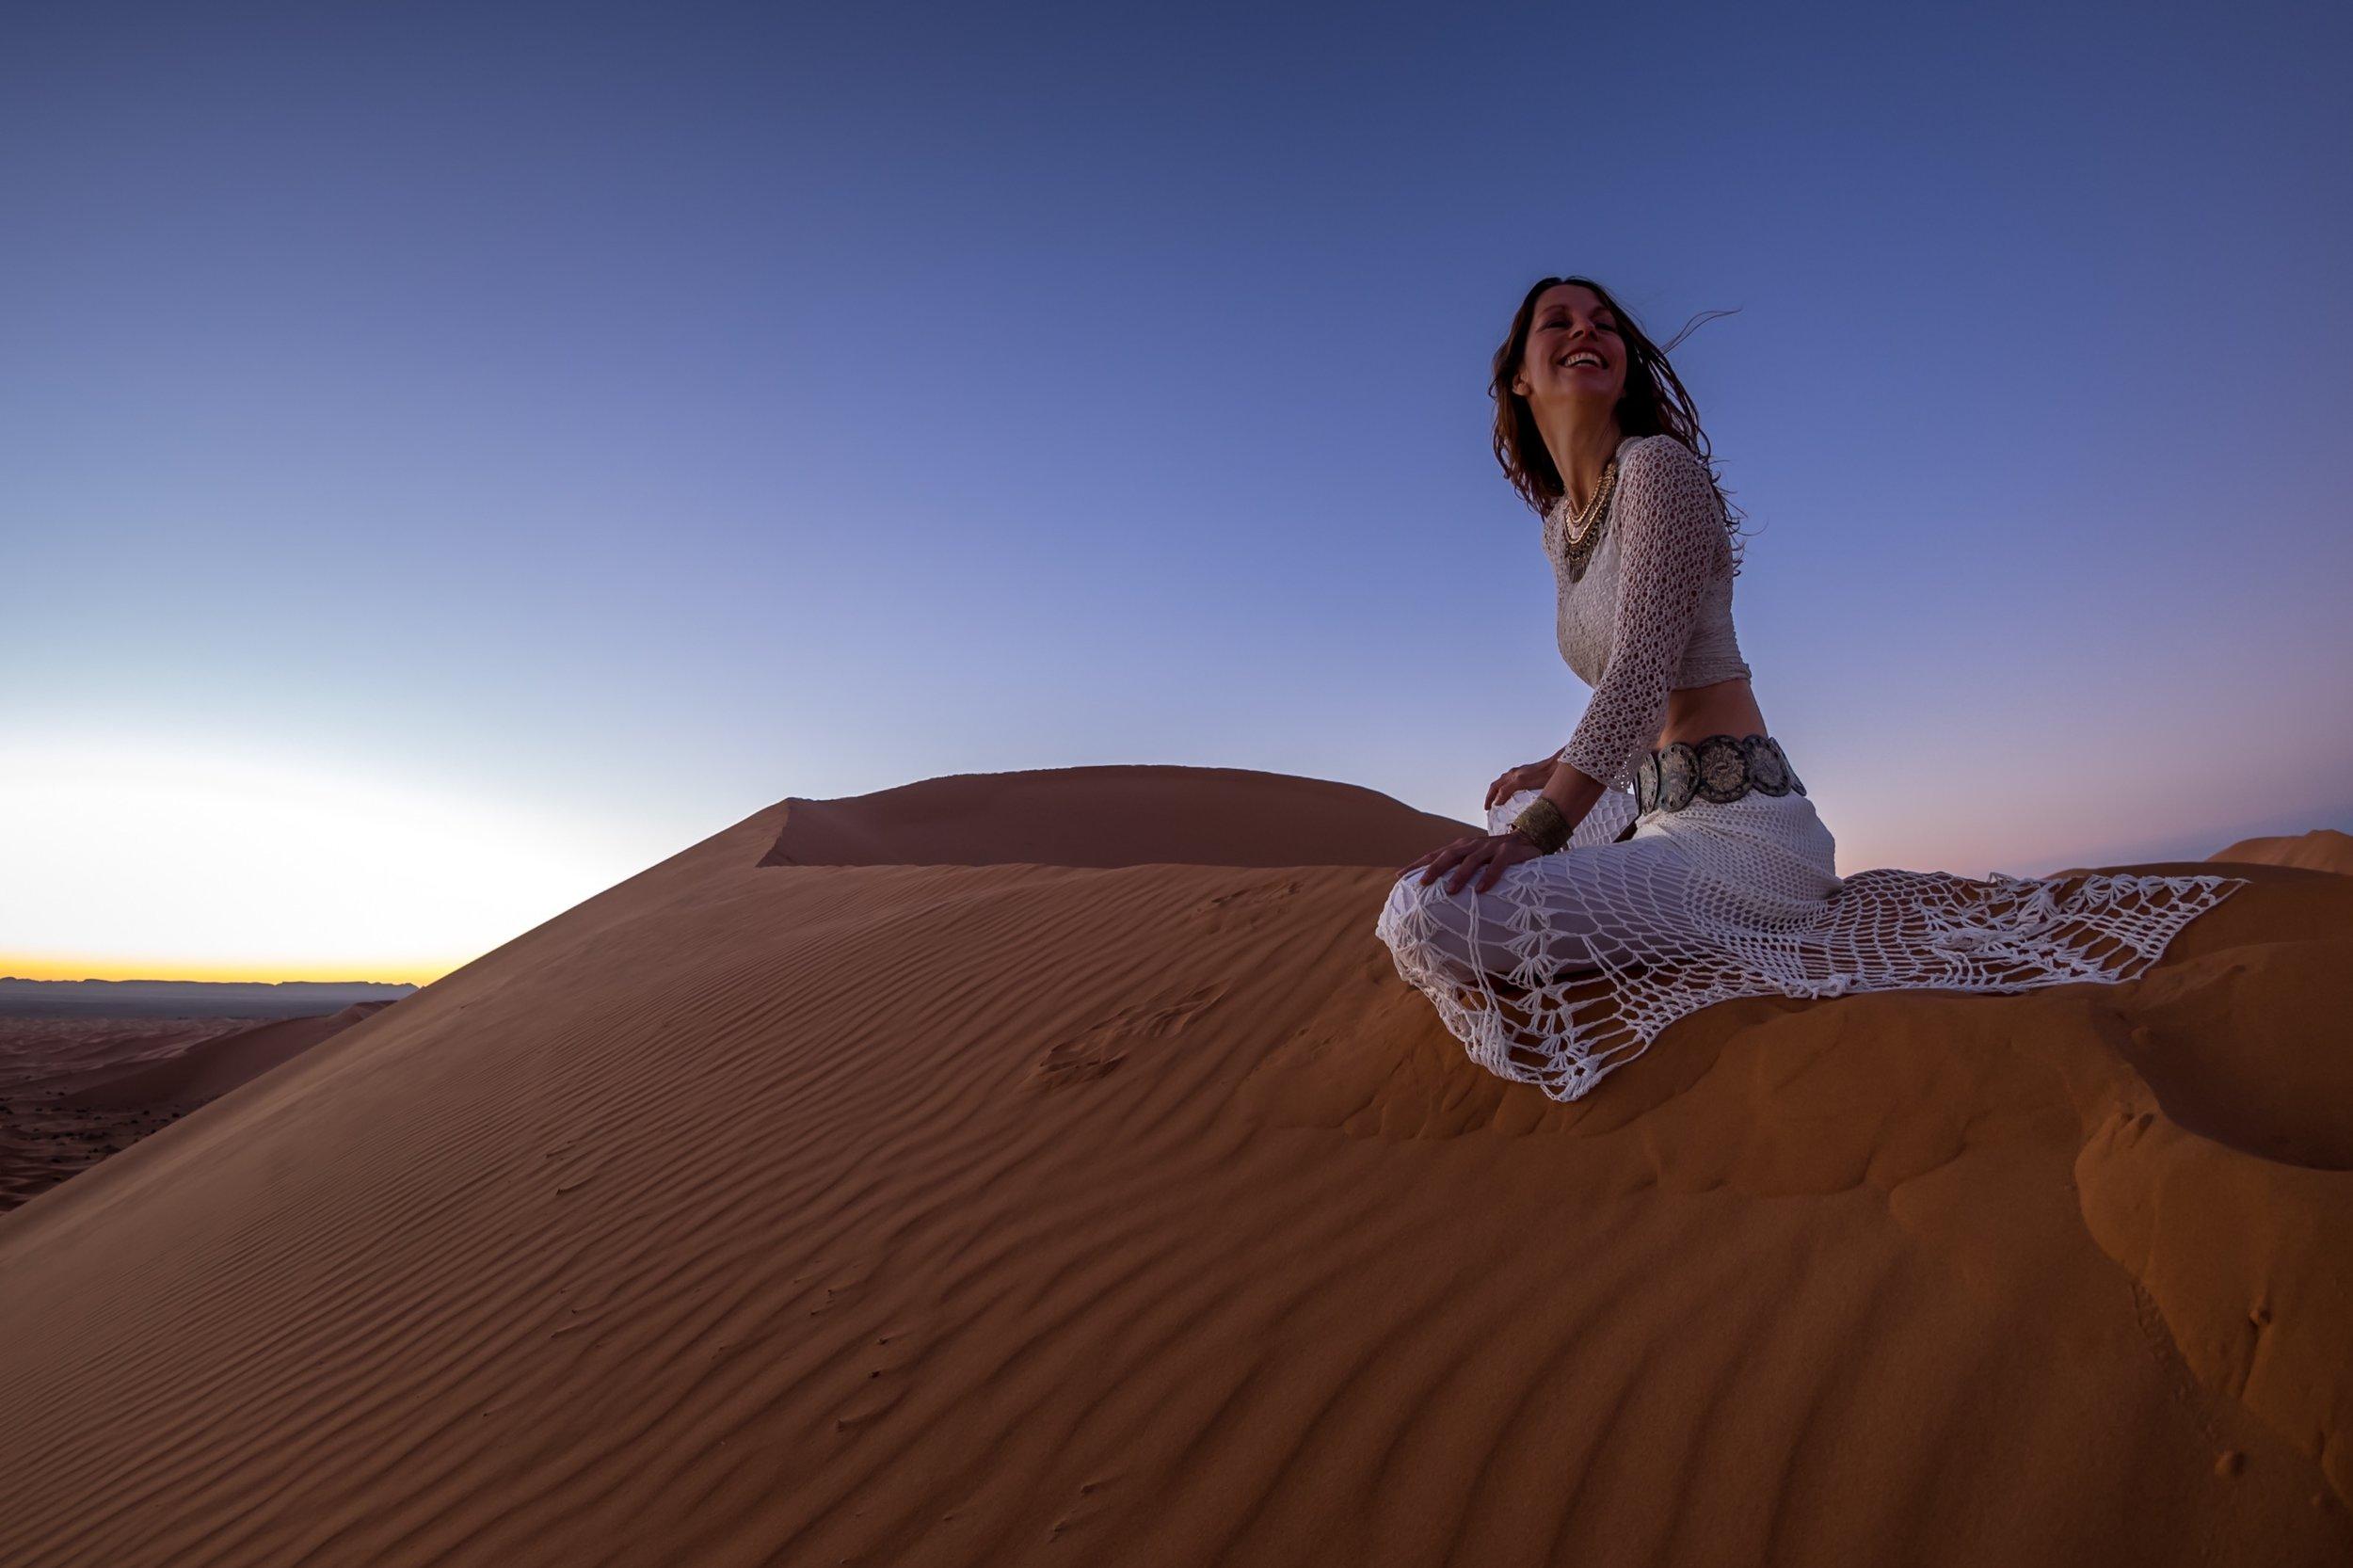 CM Christine-May-Sahara-HD-006.jpg